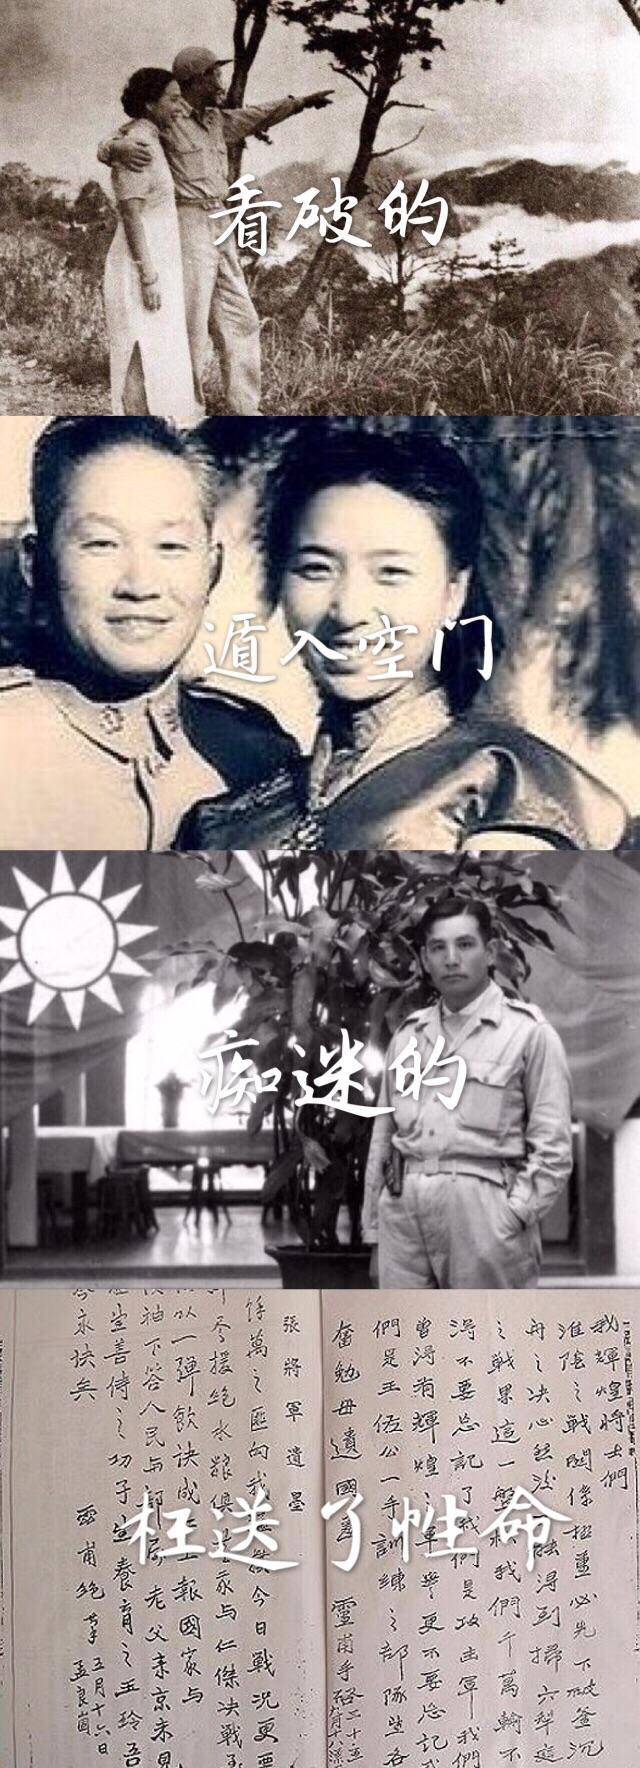 张钟麟,灵甫(七十四军) 理想主义者,为人清廉,刚正不阿,曾负杀妻疑案